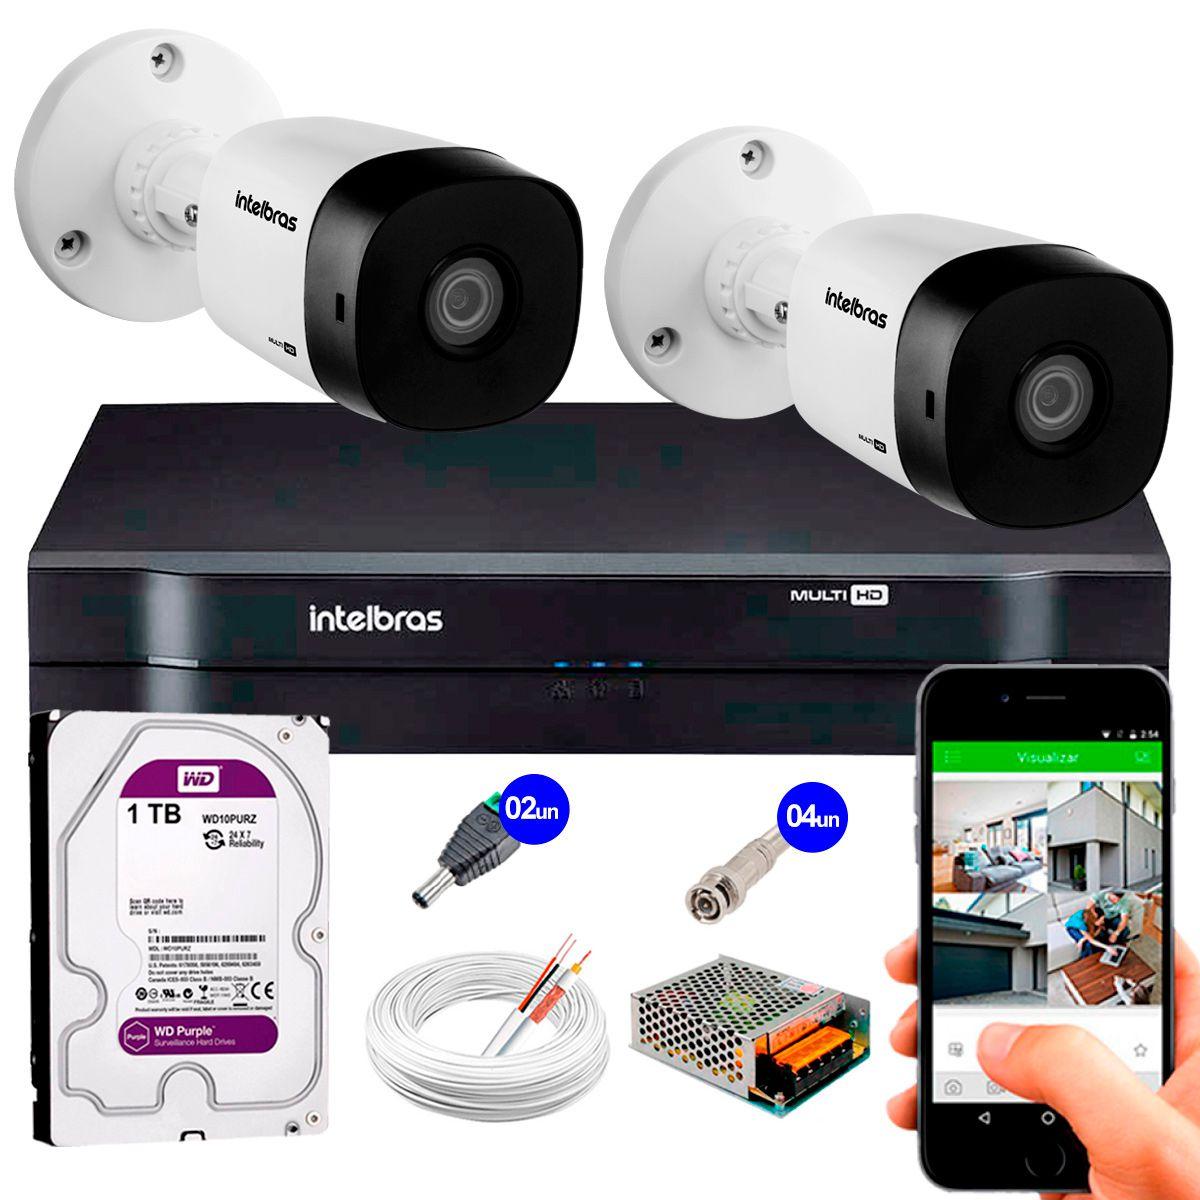 Kit 2 Câmeras VHD 3120 B G5 + DVR Intelbras + HD 1TB para Armazenamento + App Grátis de Monitoramento, Câmeras HD 720p 20m Infravermelho de Visão Noturna Intelbras + Fonte, Cabos e Acessórios  - Tudo Forte